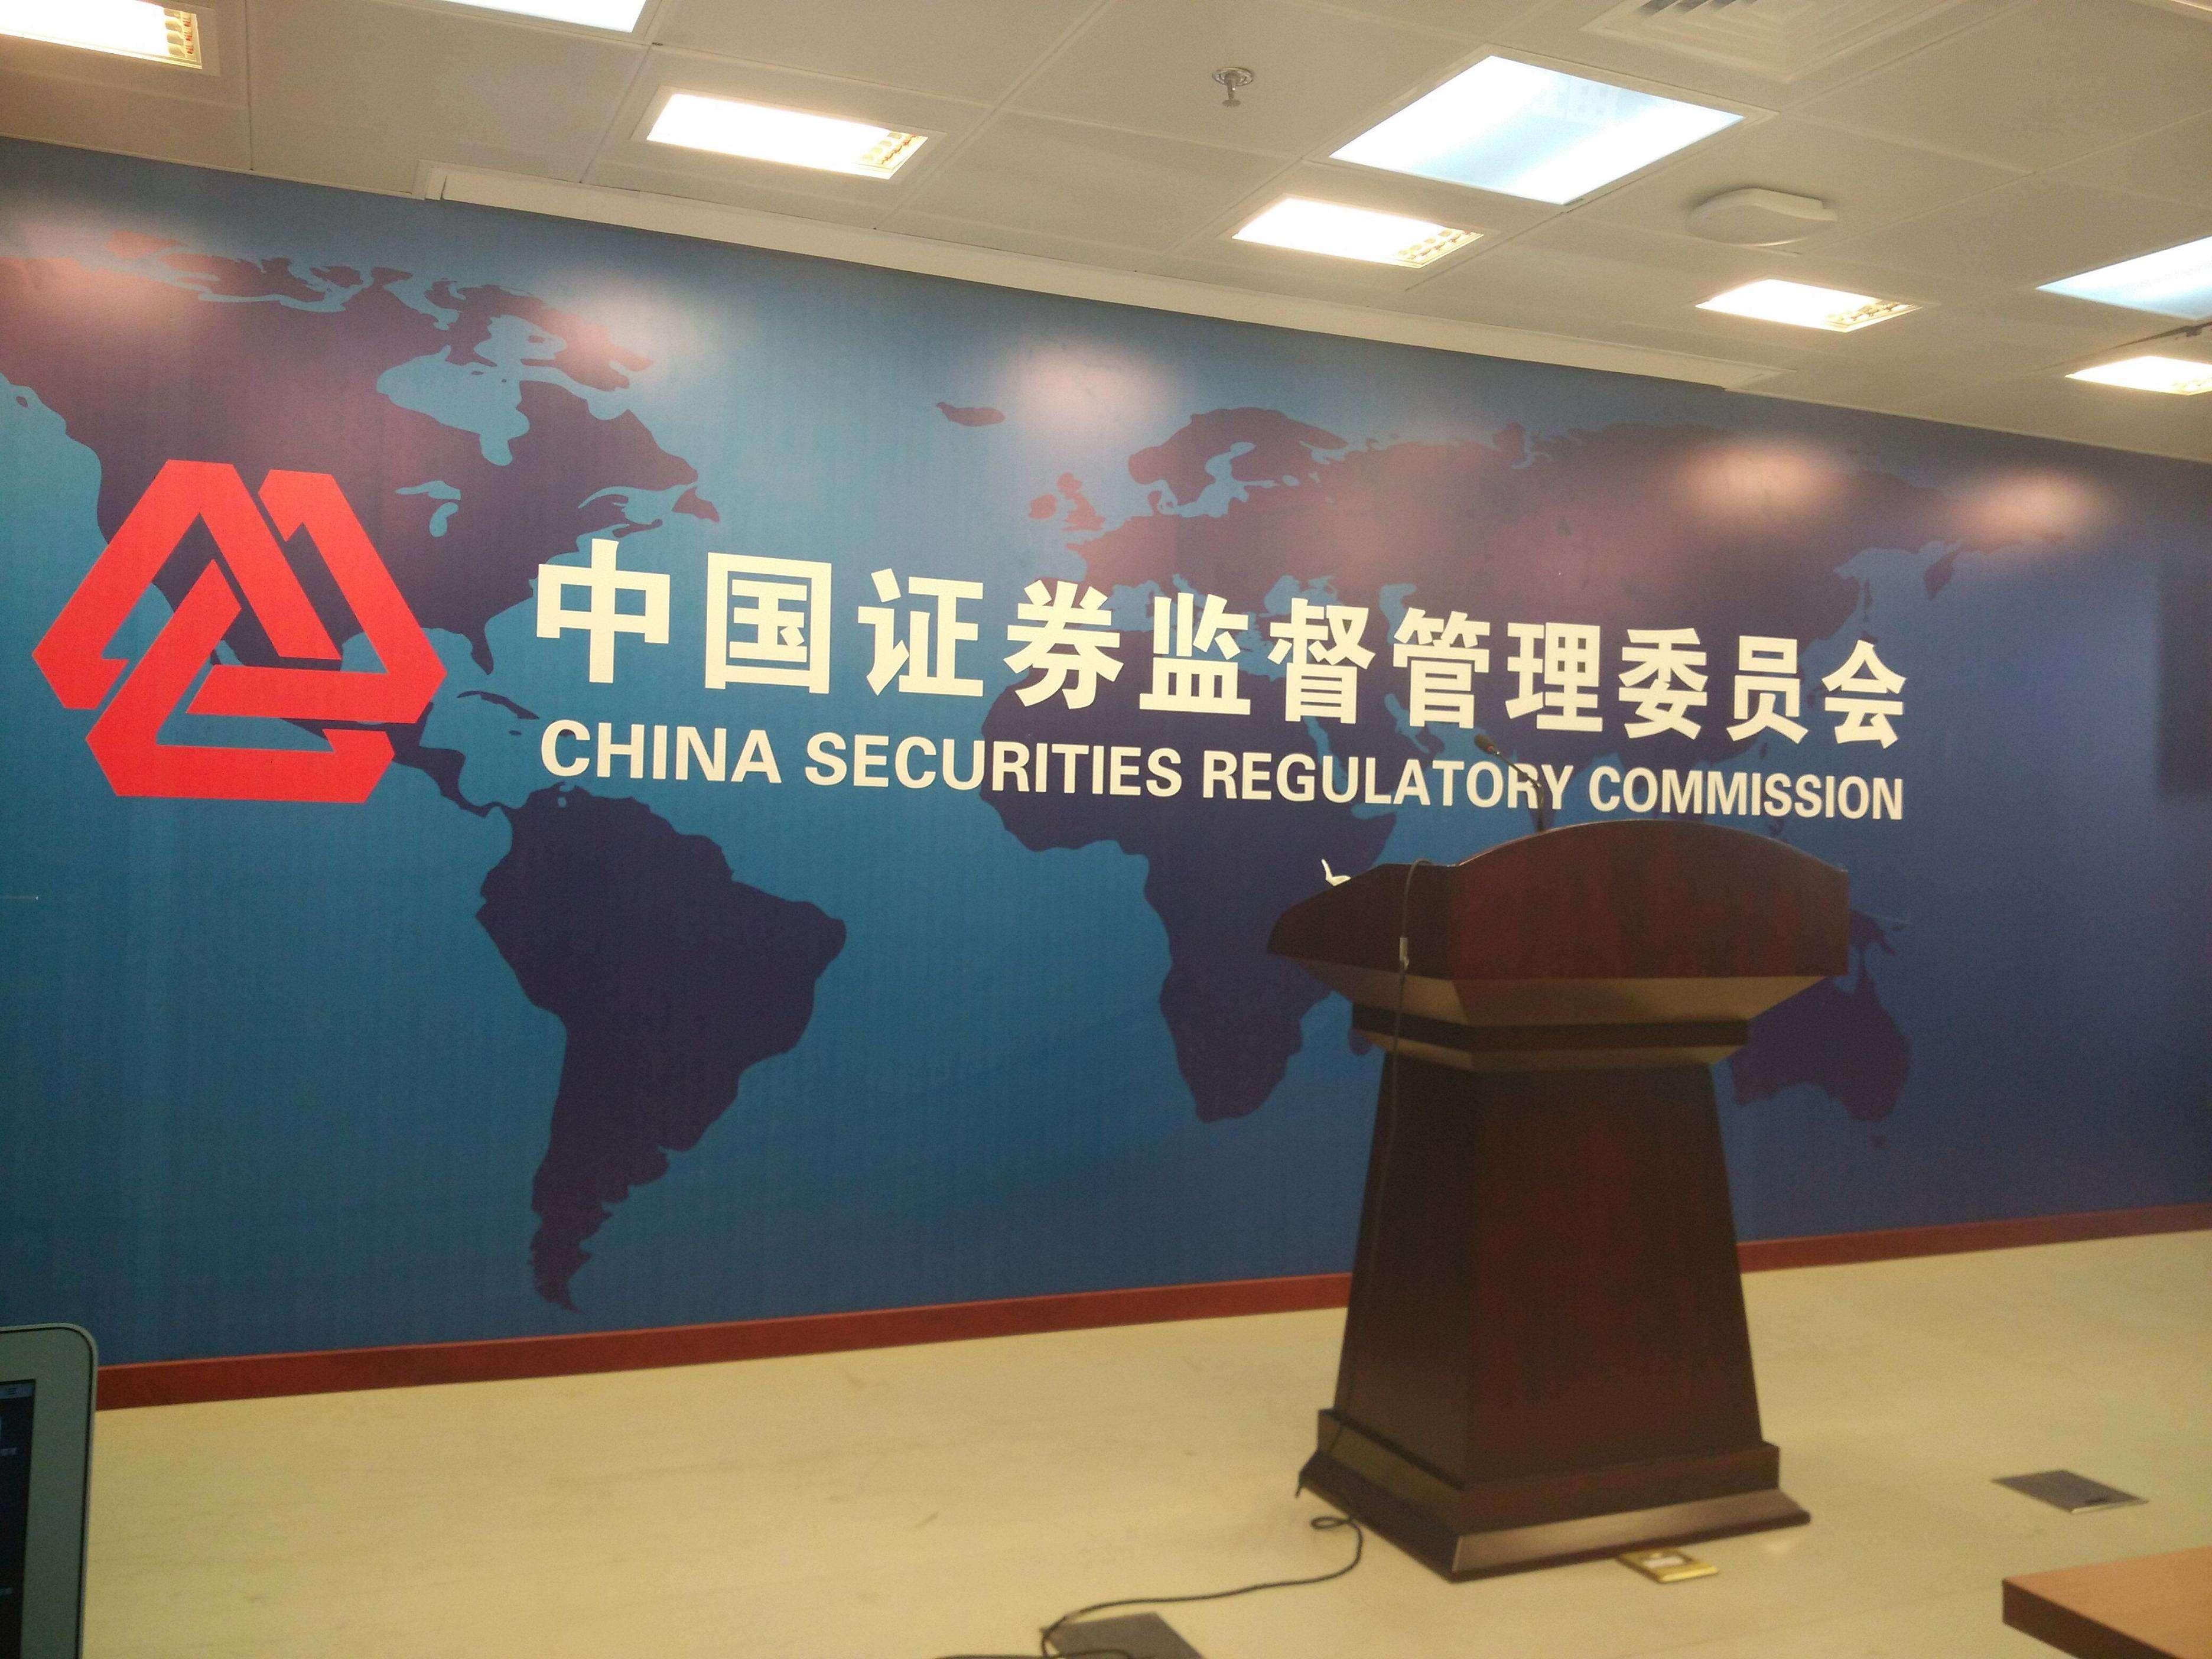 宋清辉:全面推进分布实施注册制改革 或将开启市场挑选公司时代